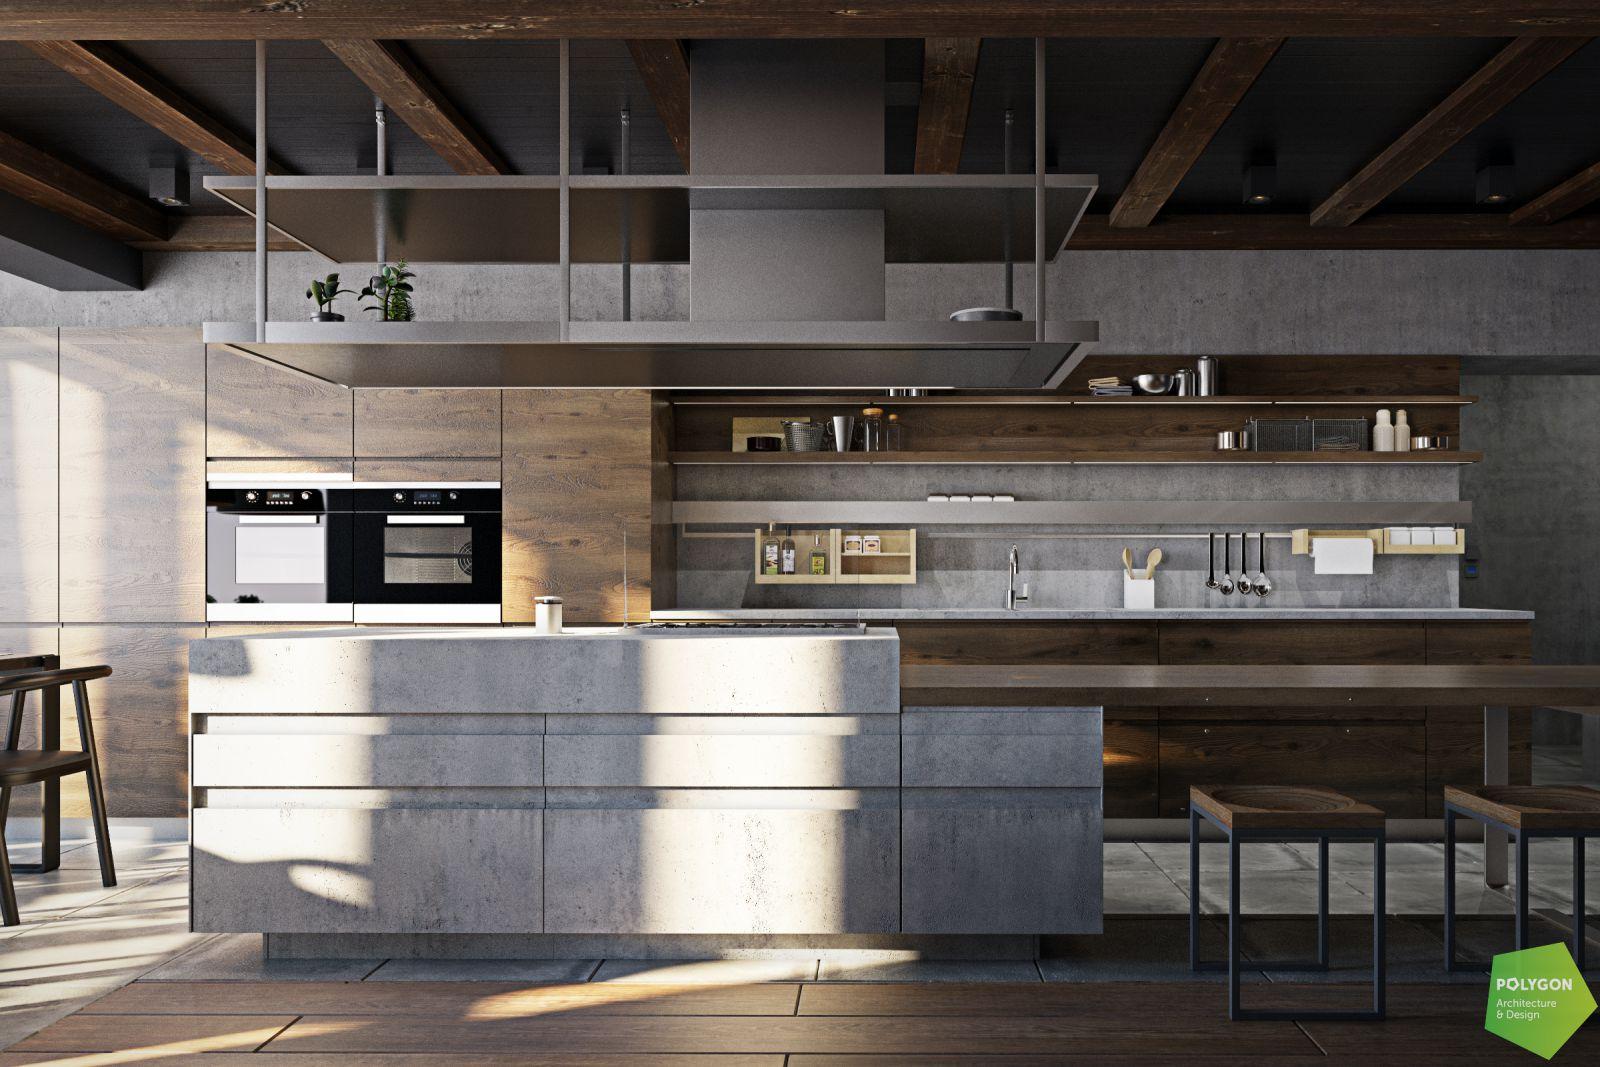 вфзуалізація кухні